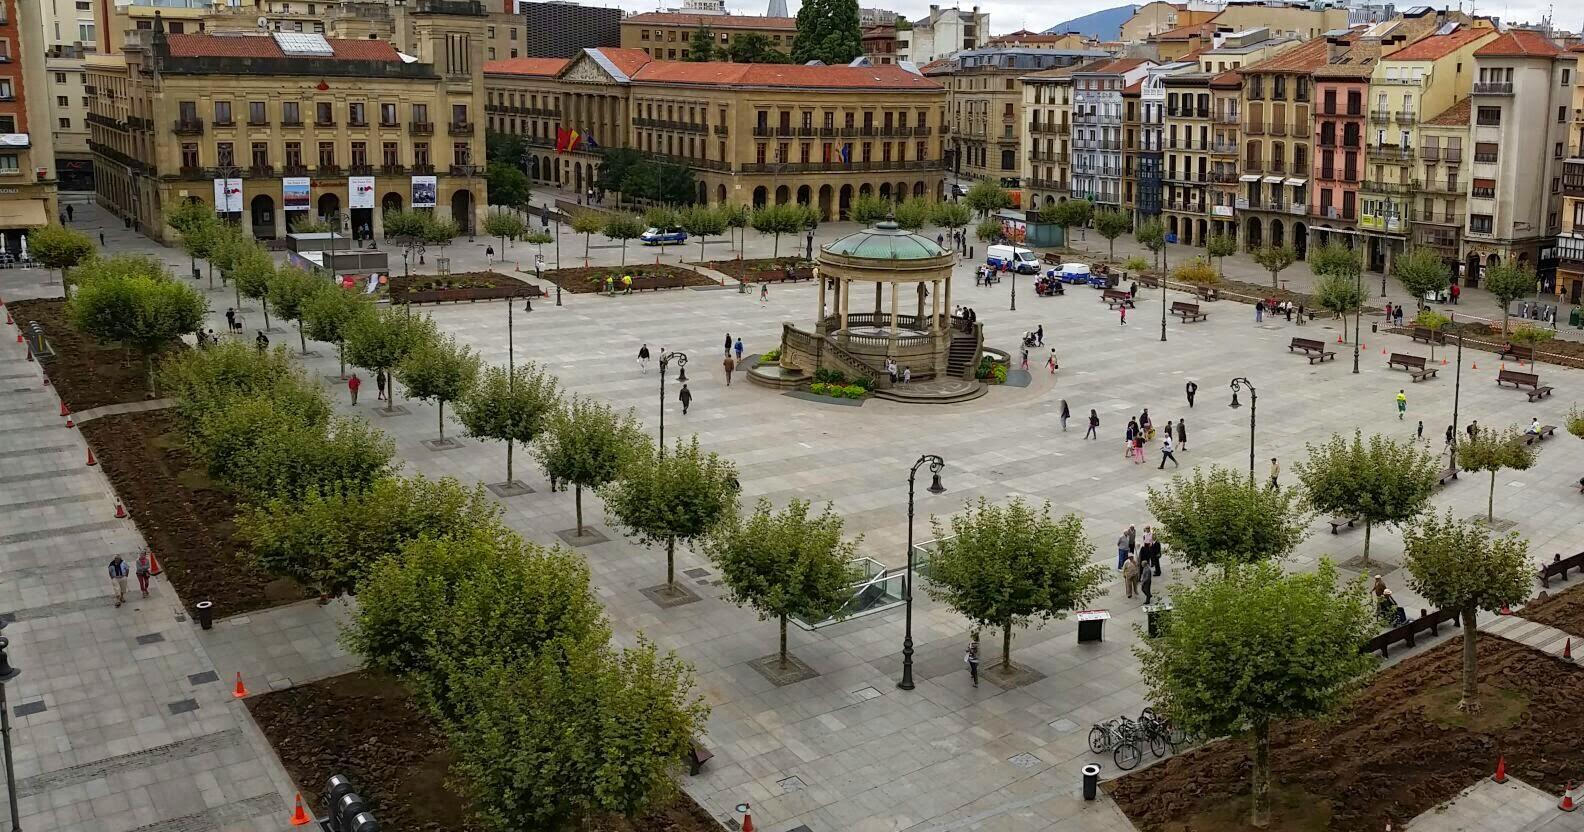 Los jardines de la plaza del castillo gran hotel la perla for Jardines de plaza